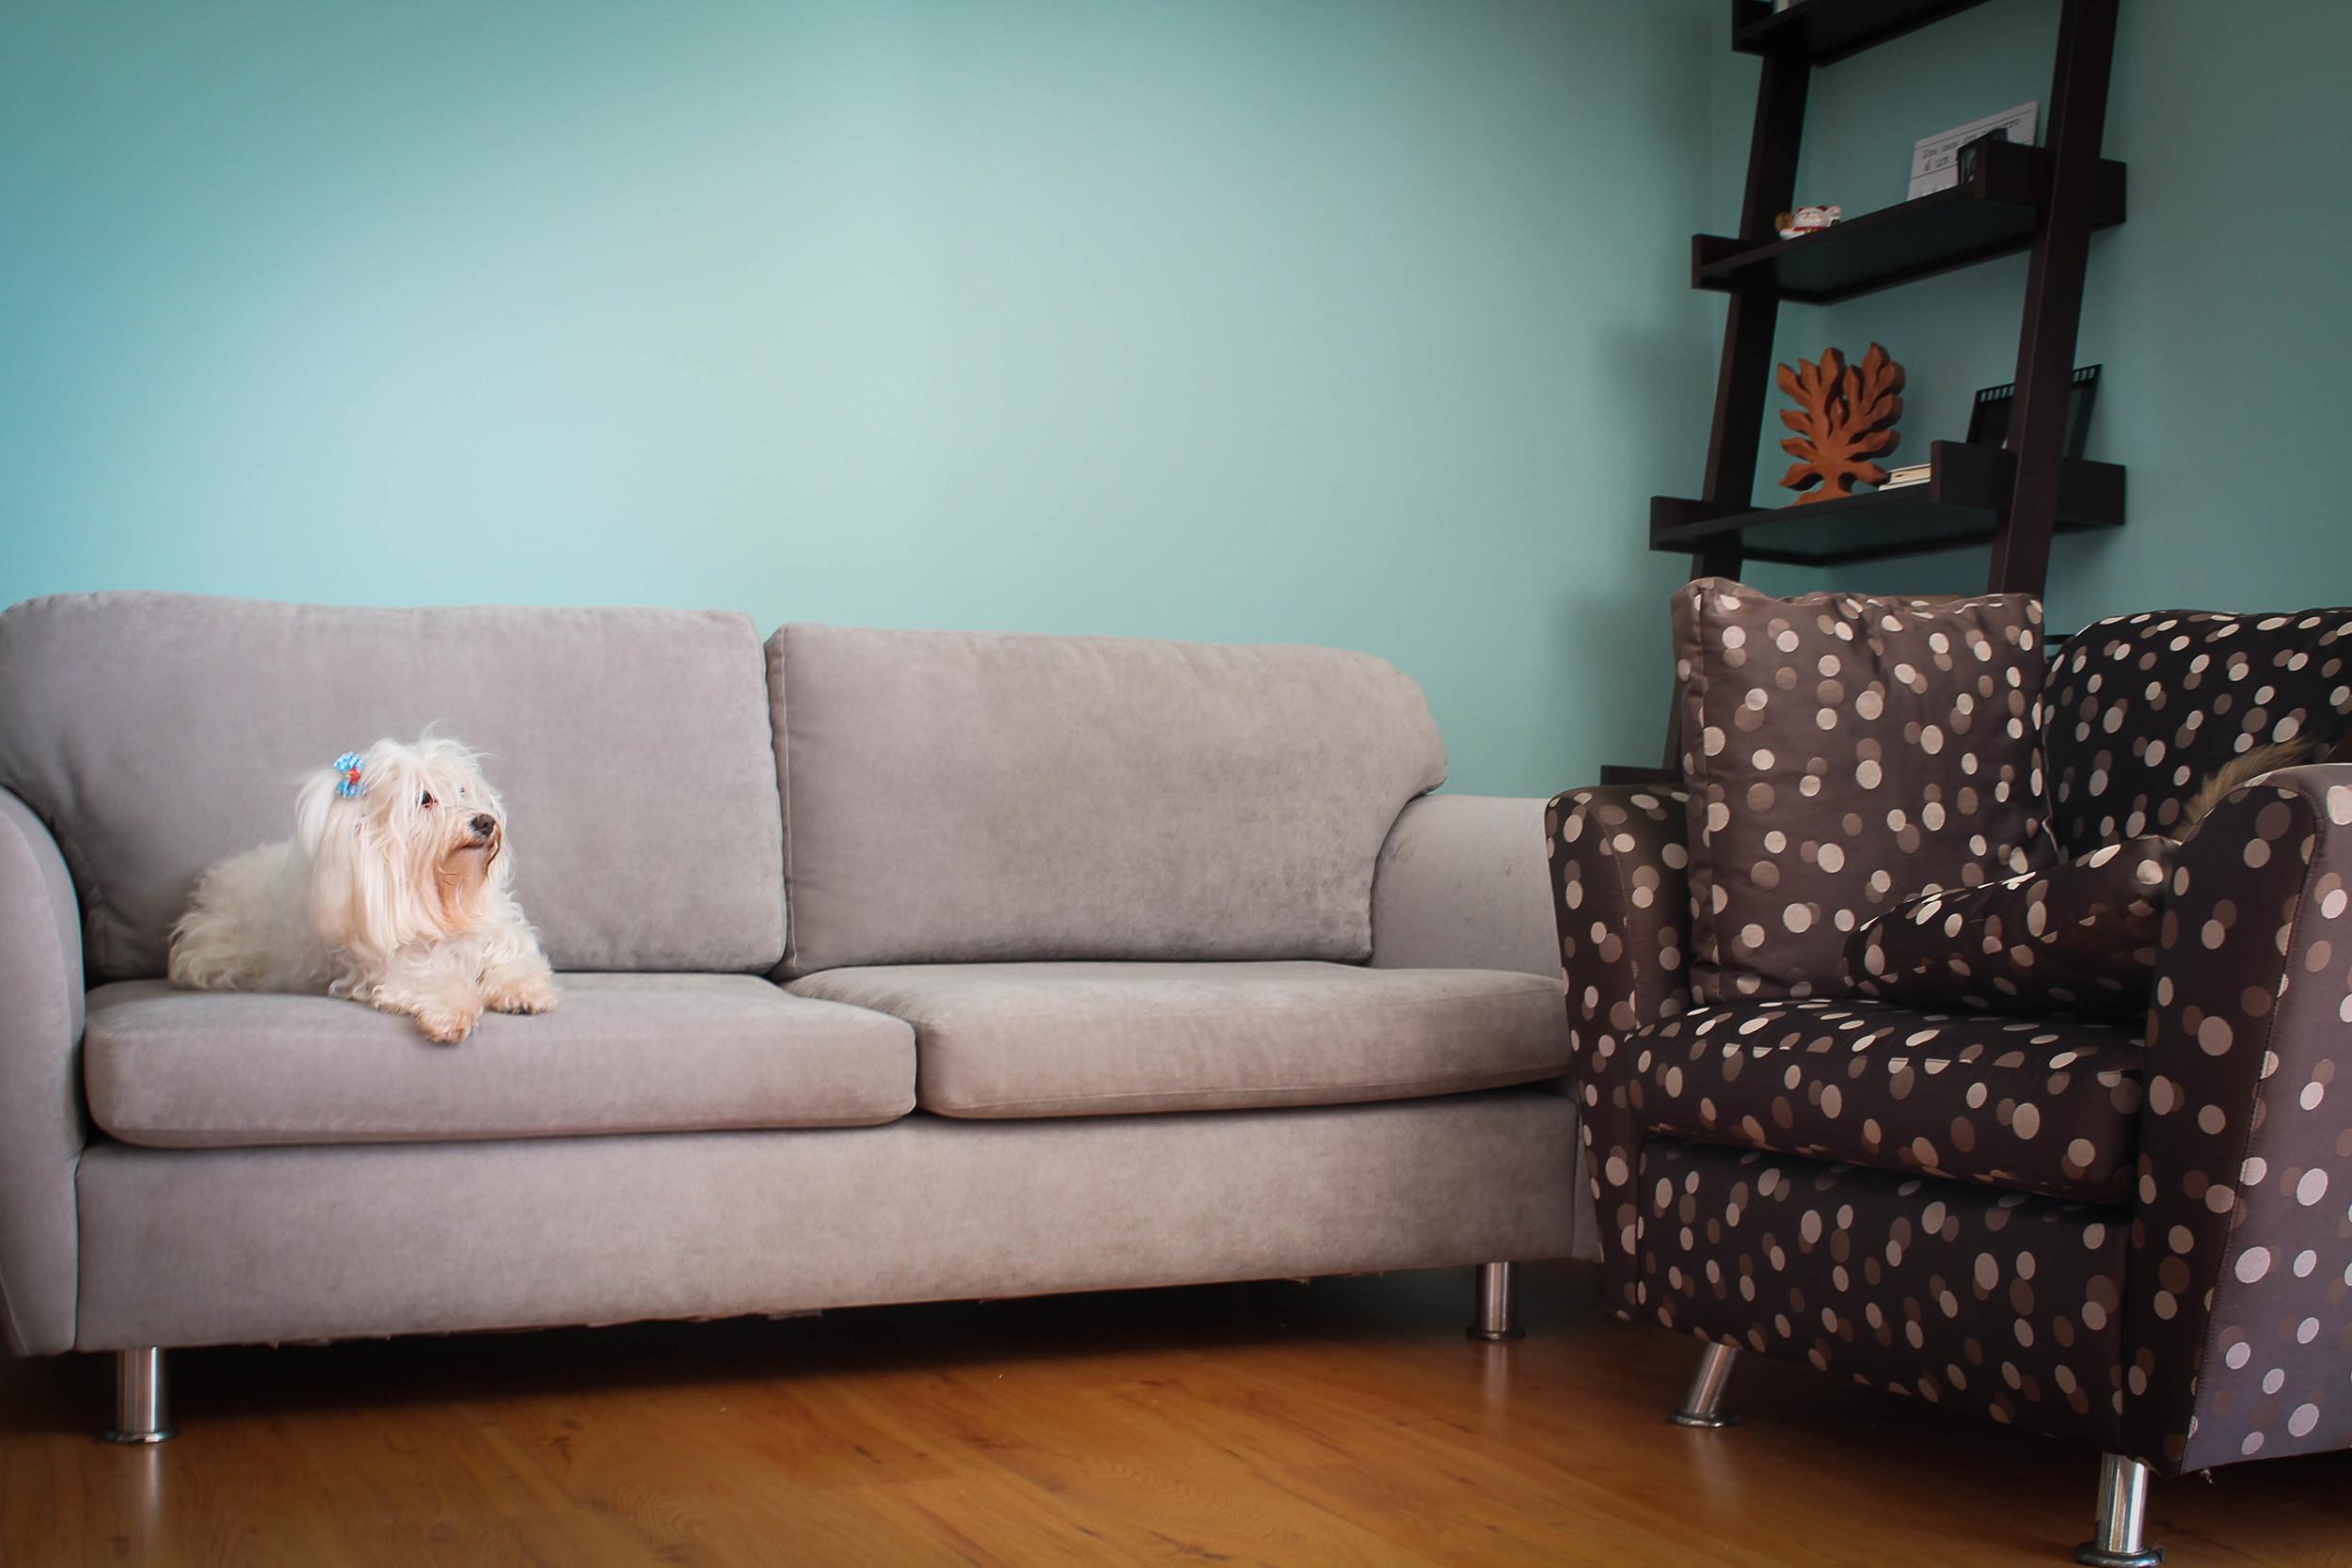 Parede da sala com pintura azul e móveis aproveitados do antigo apartamento.